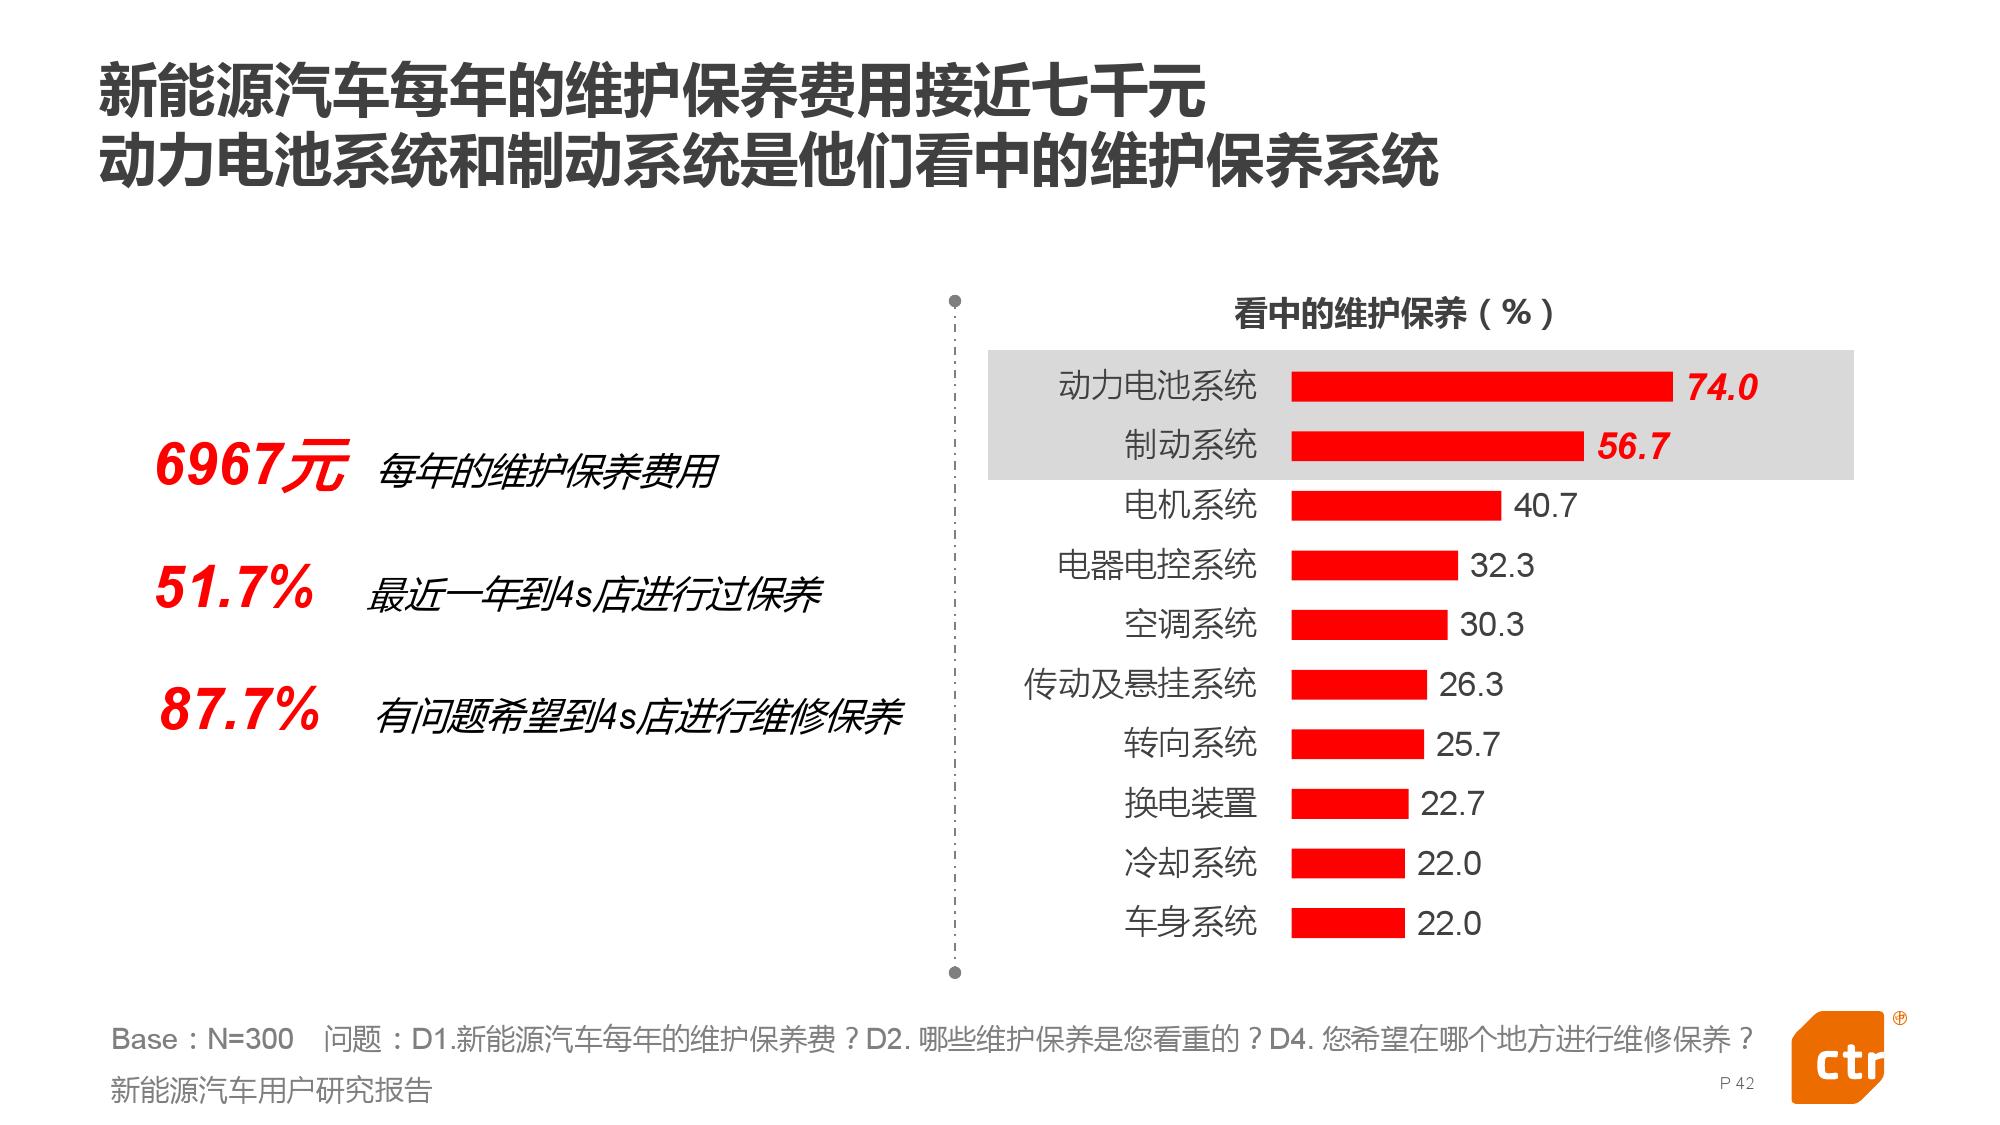 新能源汽车用户研究报告_000042